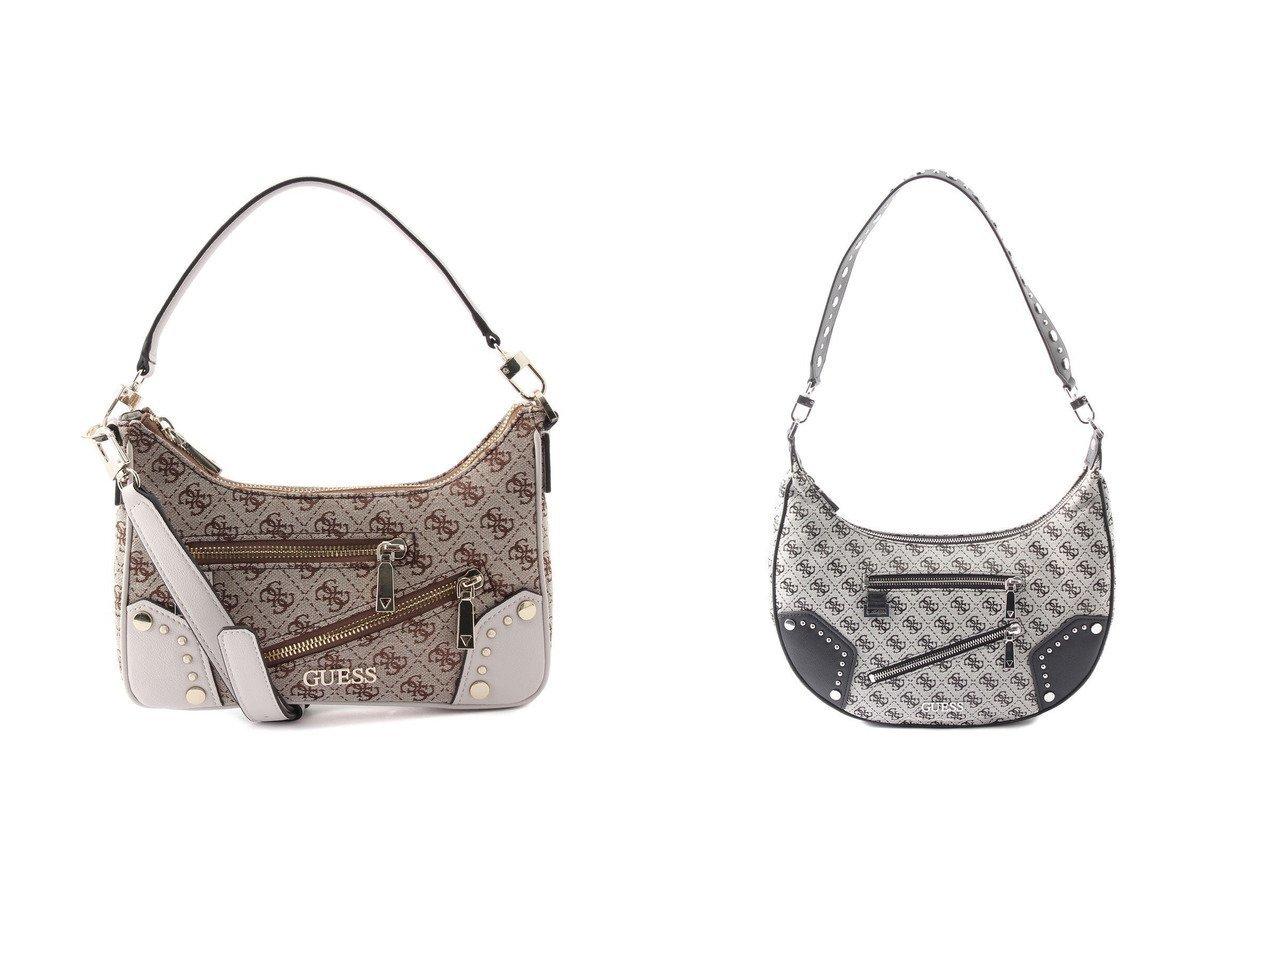 【GUESS/ゲス】のFRANKIE Top Zip Shoulder Bag&FRANKIE Hobo おすすめ!人気トレンド・レディースファッション通販 おすすめで人気の流行・トレンド、ファッションの通販商品 インテリア・家具・メンズファッション・キッズファッション・レディースファッション・服の通販 founy(ファニー) https://founy.com/ ファッション Fashion レディースファッション WOMEN バッグ Bag 2021年 2021 2021春夏・S/S SS/Spring/Summer/2021 S/S・春夏 SS・Spring/Summer ポケット ラップ 春 Spring スタイリッシュ スタッズ メタル 財布 |ID:crp329100000046288